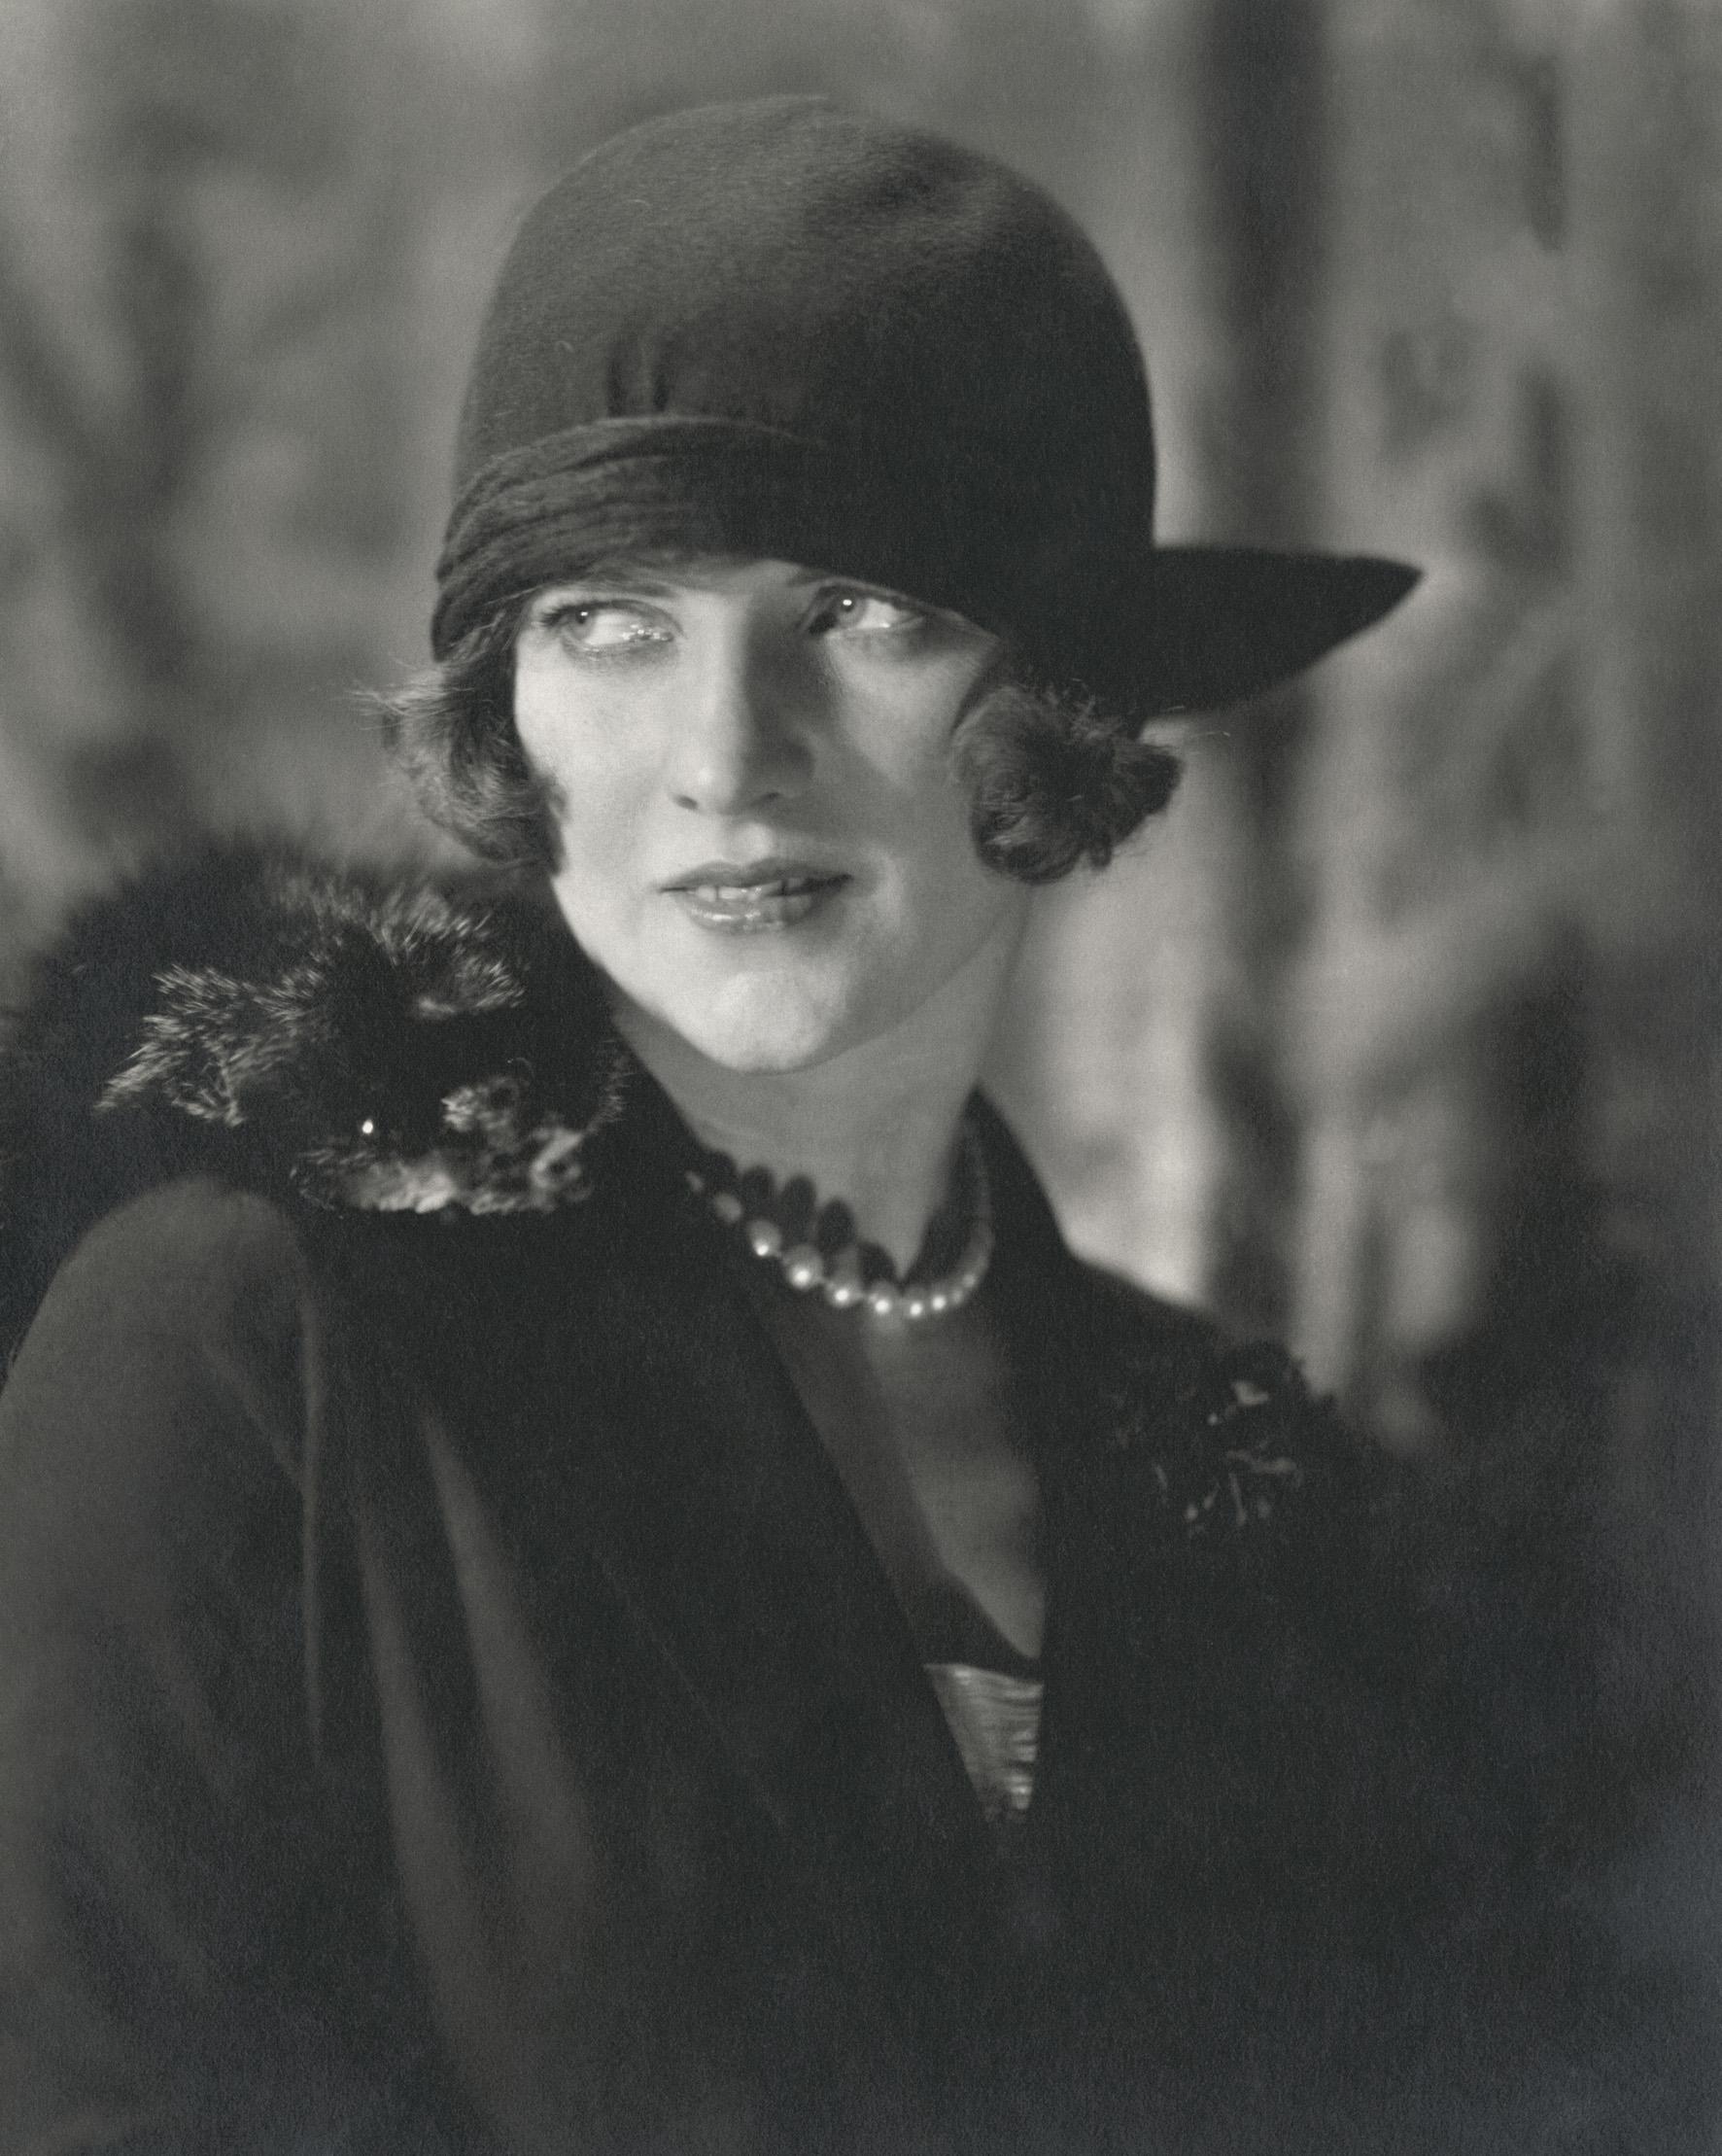 Edward Steichen, American Vogue, December 1923 © Condé Nast